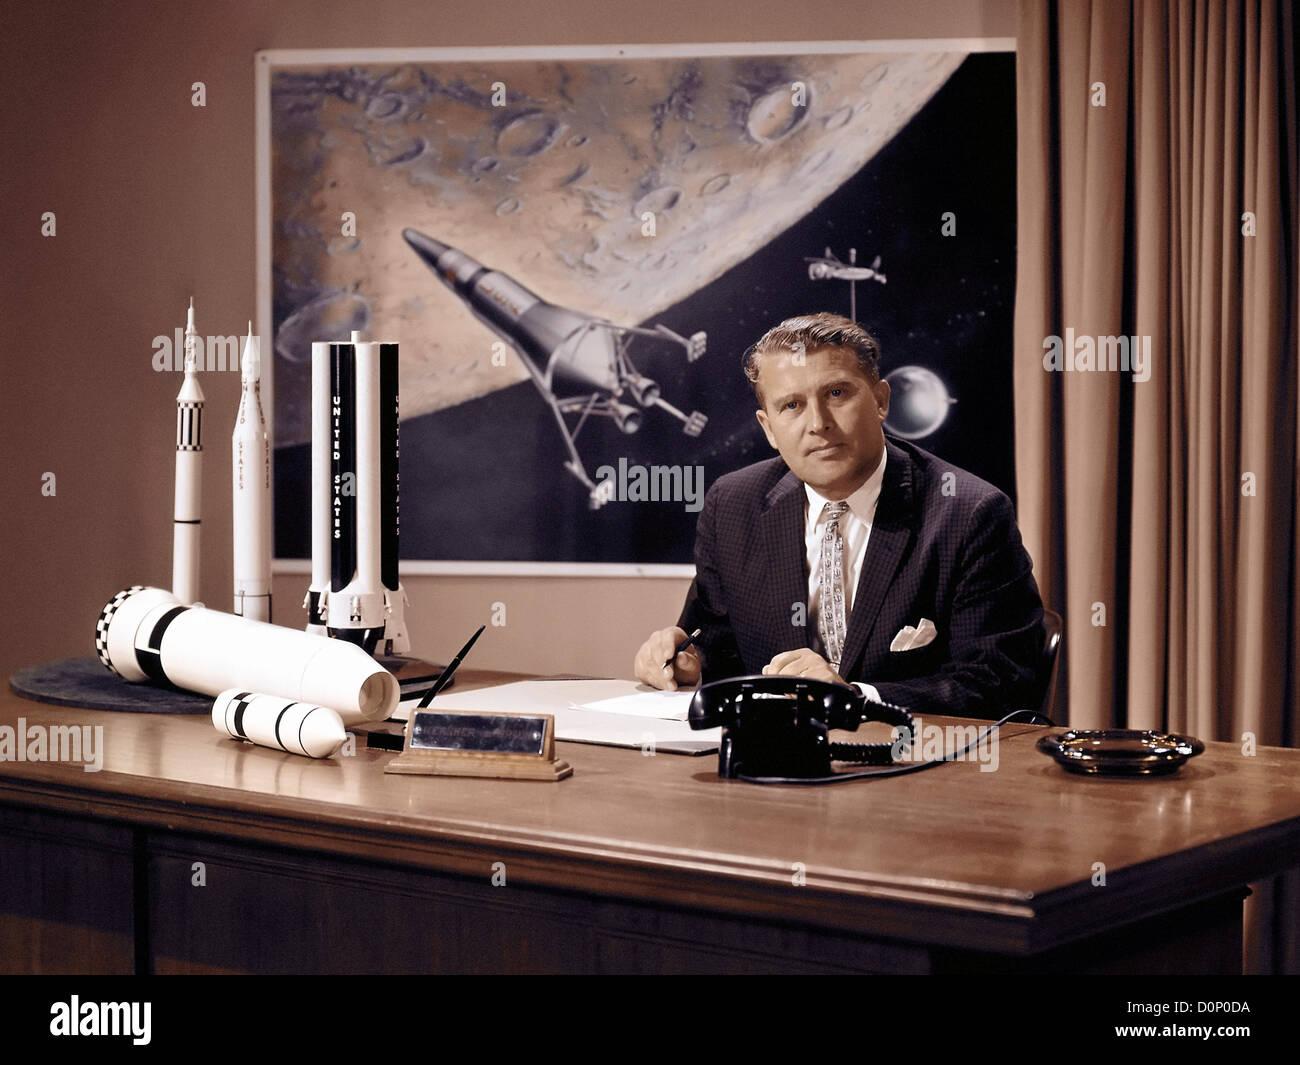 Wernher von Braun at His Desk - Stock Image